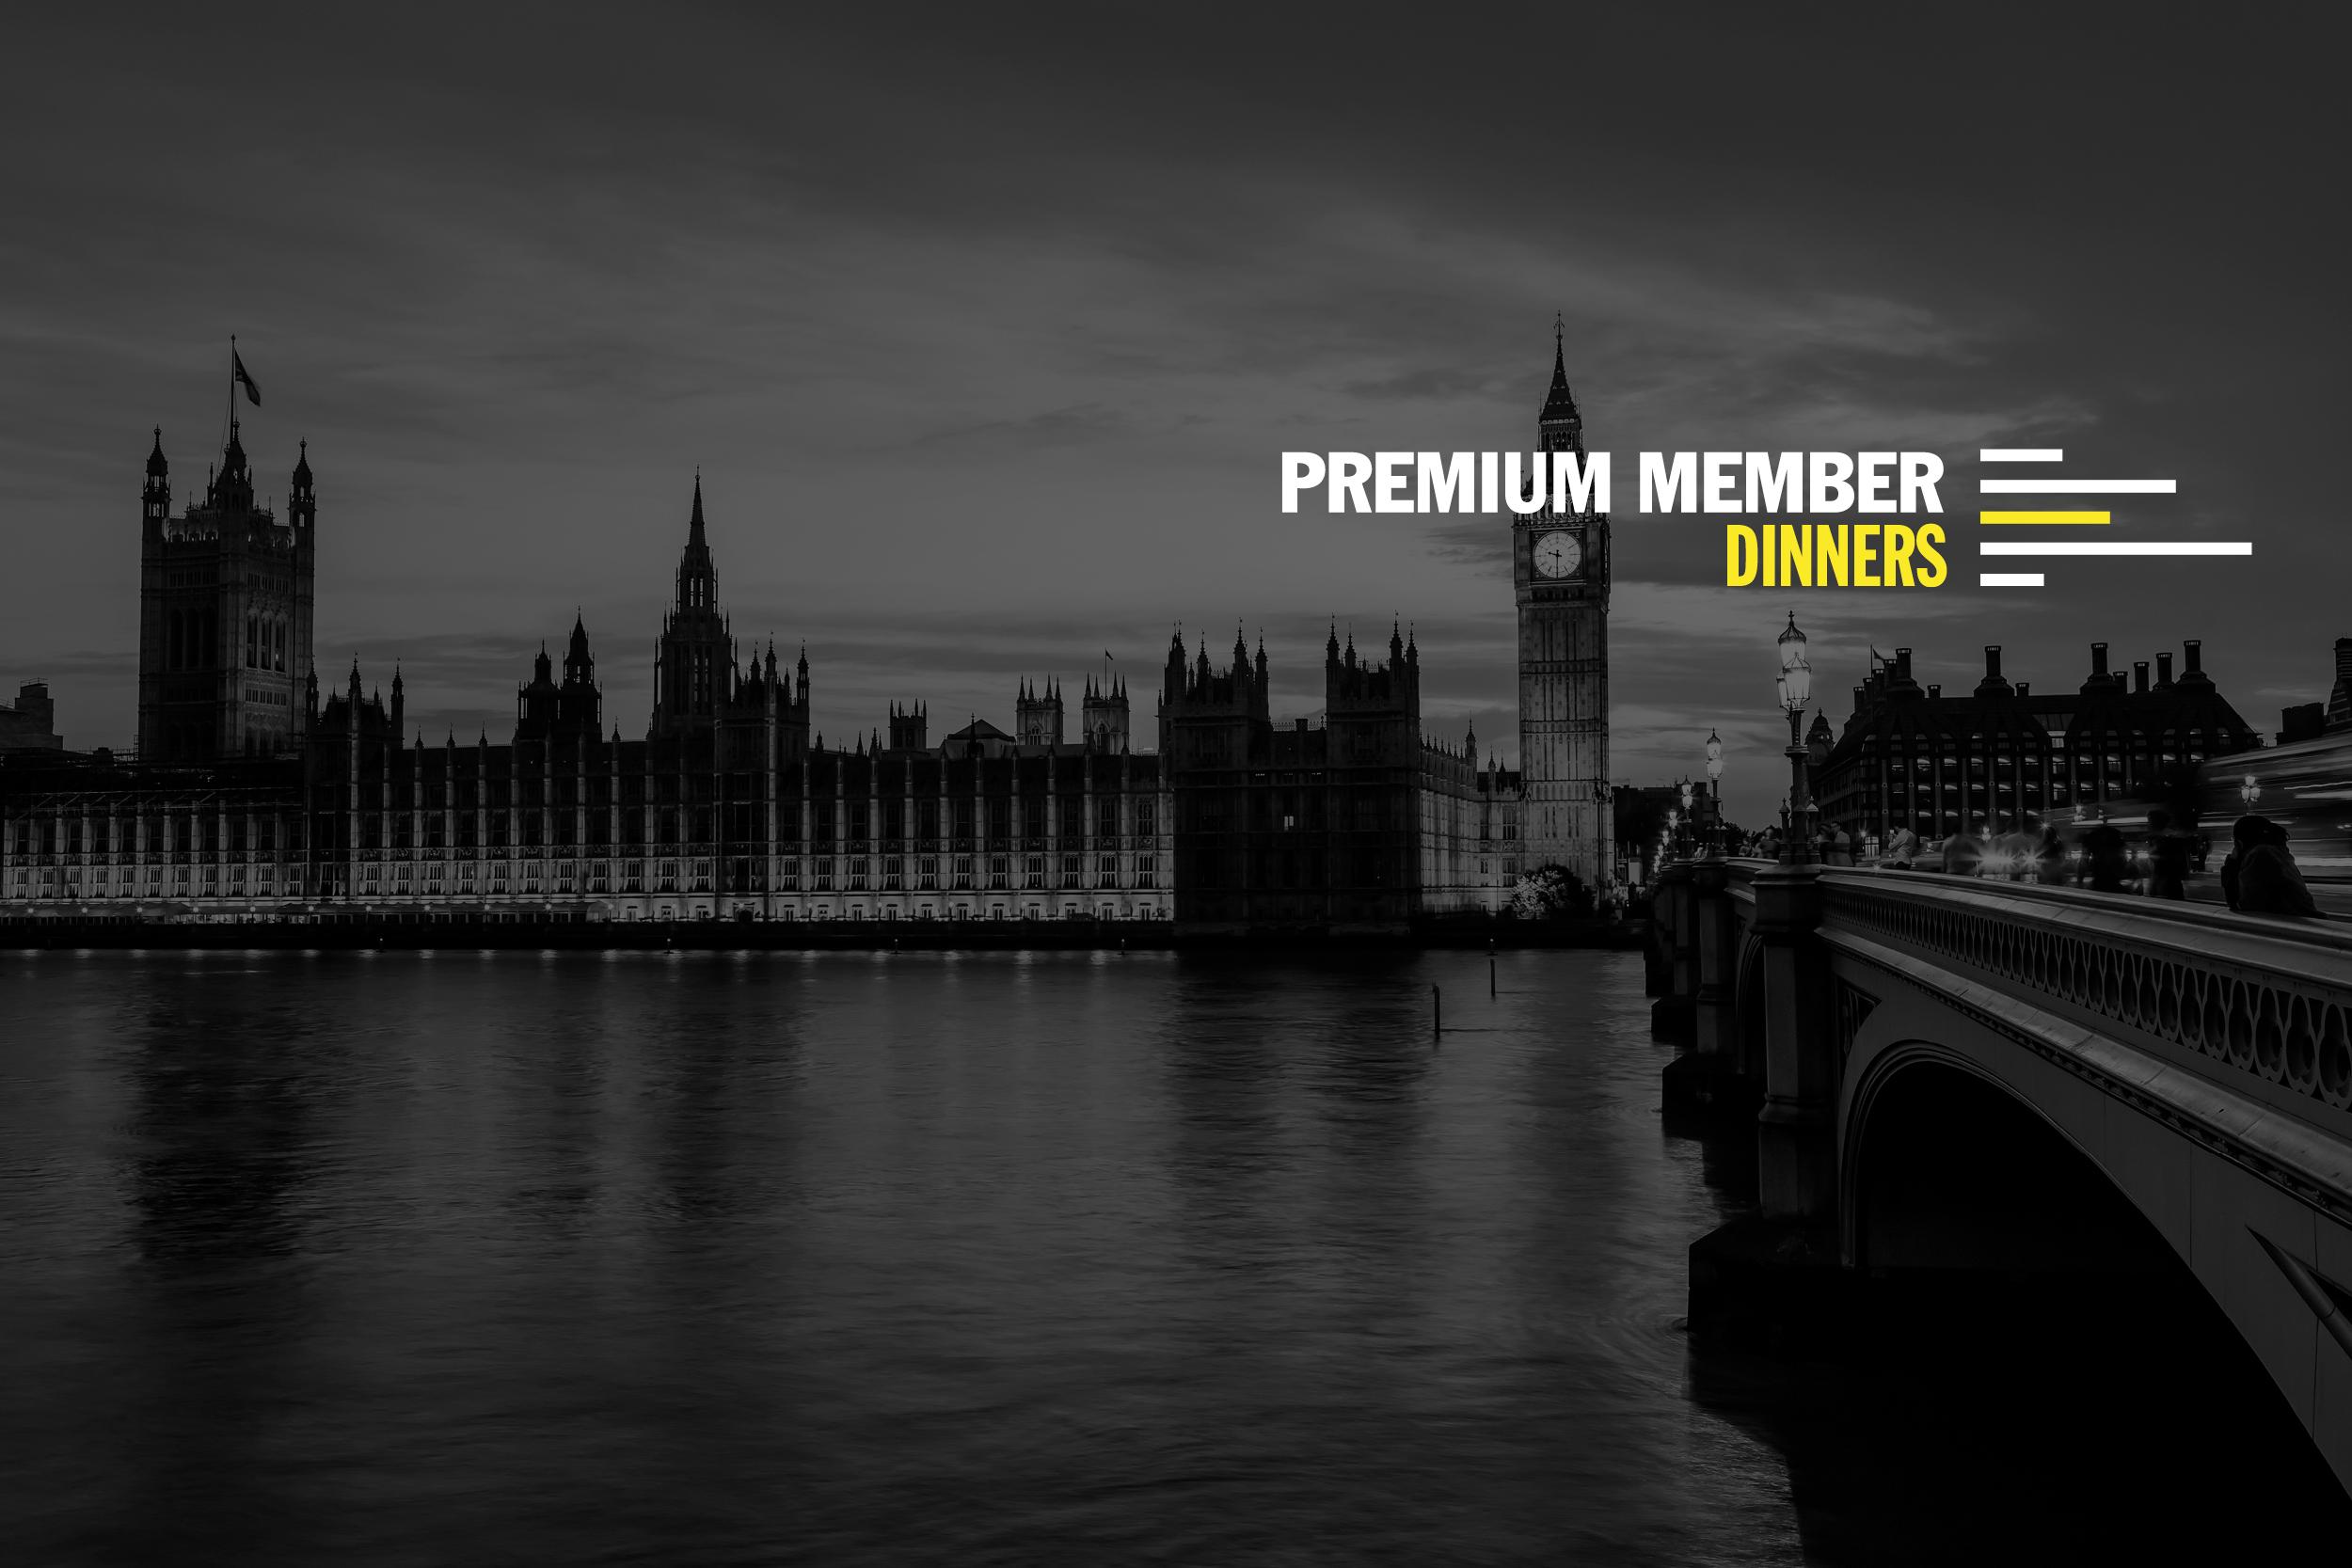 Premium Member Dinners